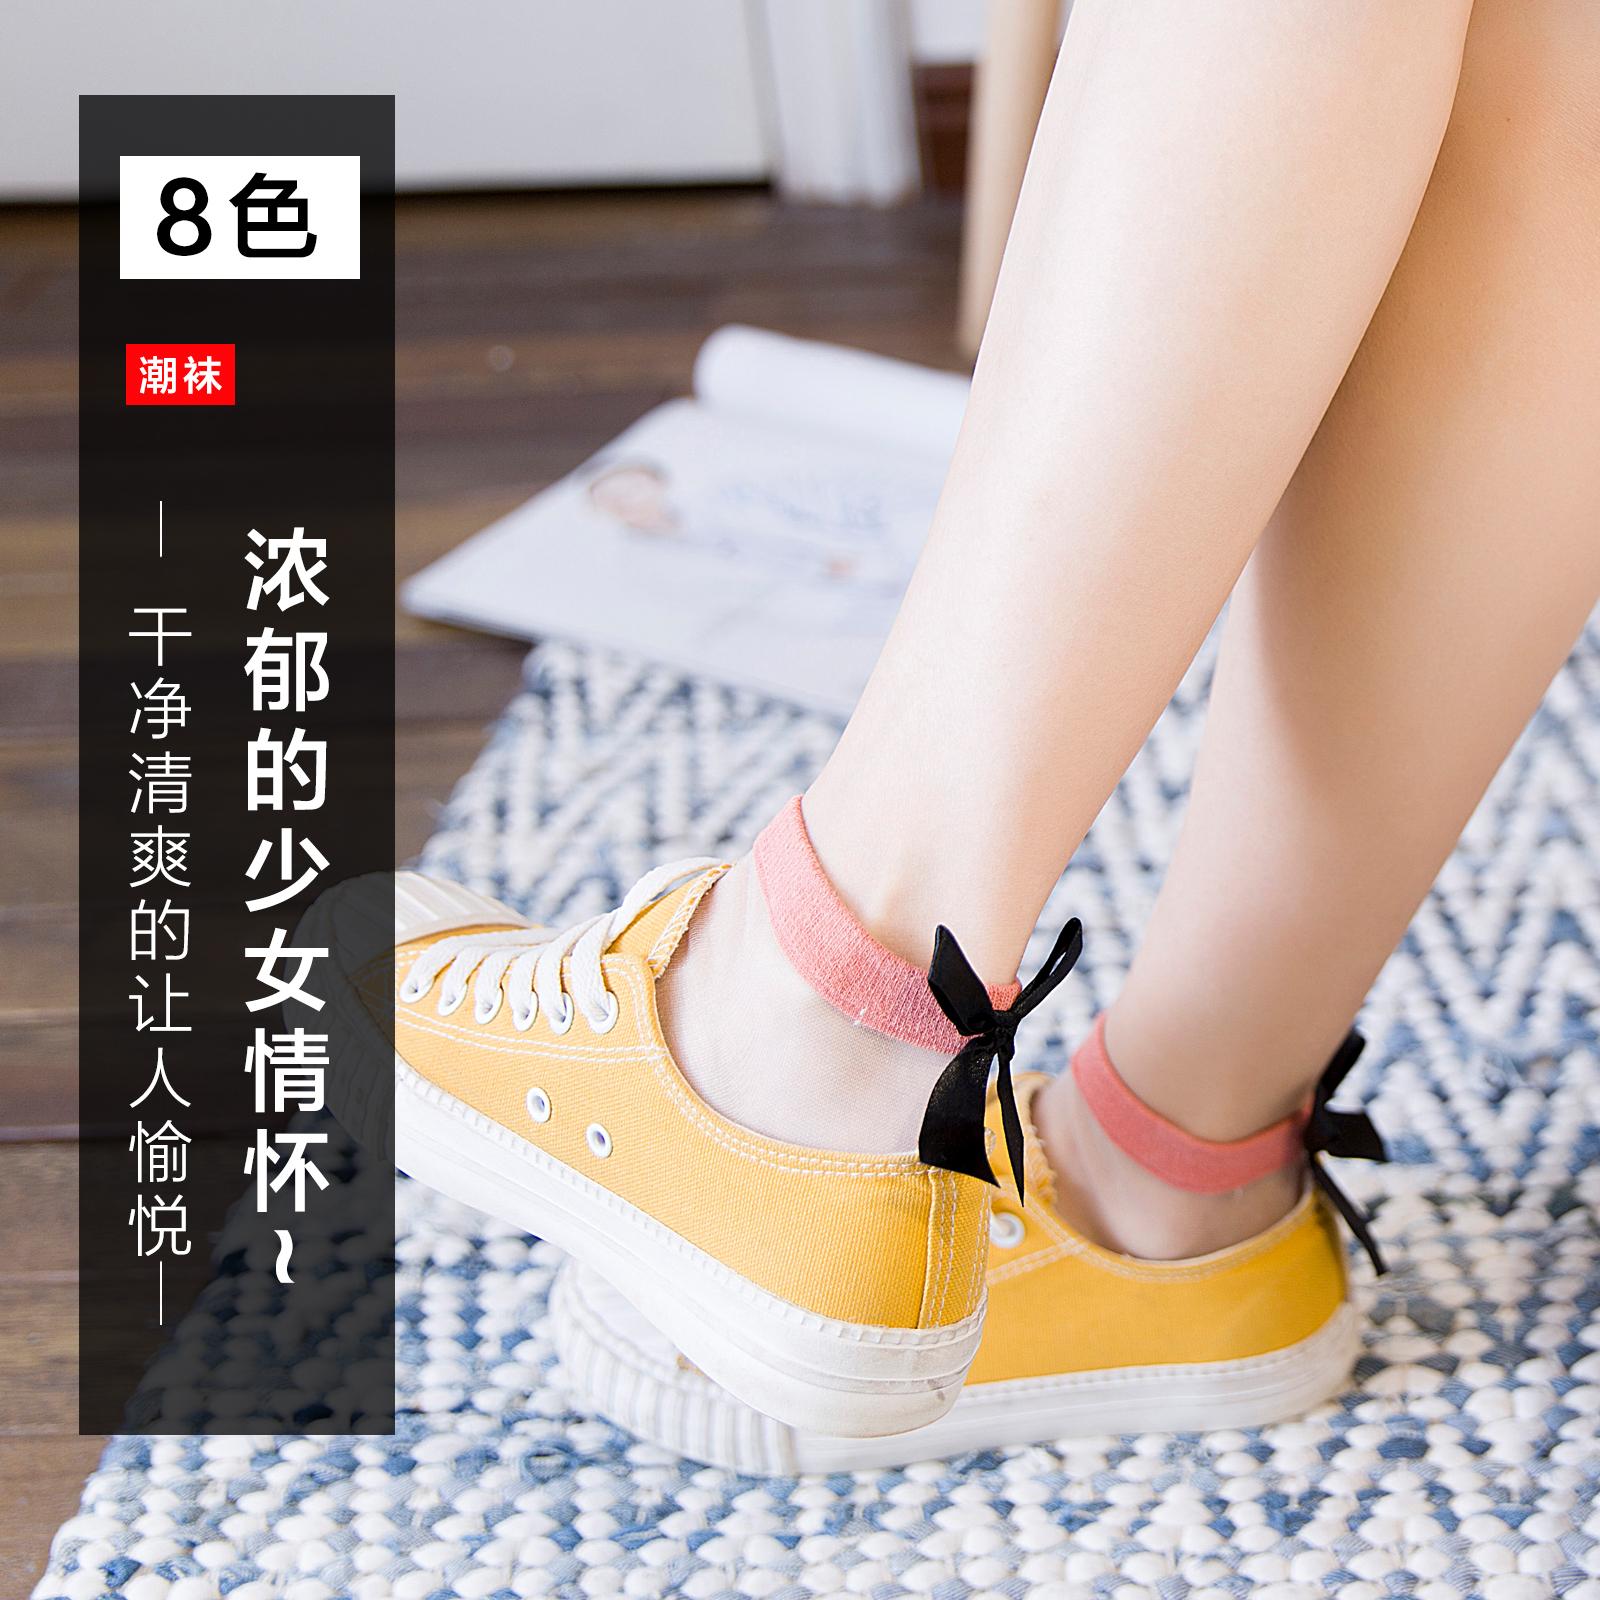 玻璃袜子女船袜短袜夏季薄款透明水晶袜玻璃丝袜韩国可爱蝴蝶结